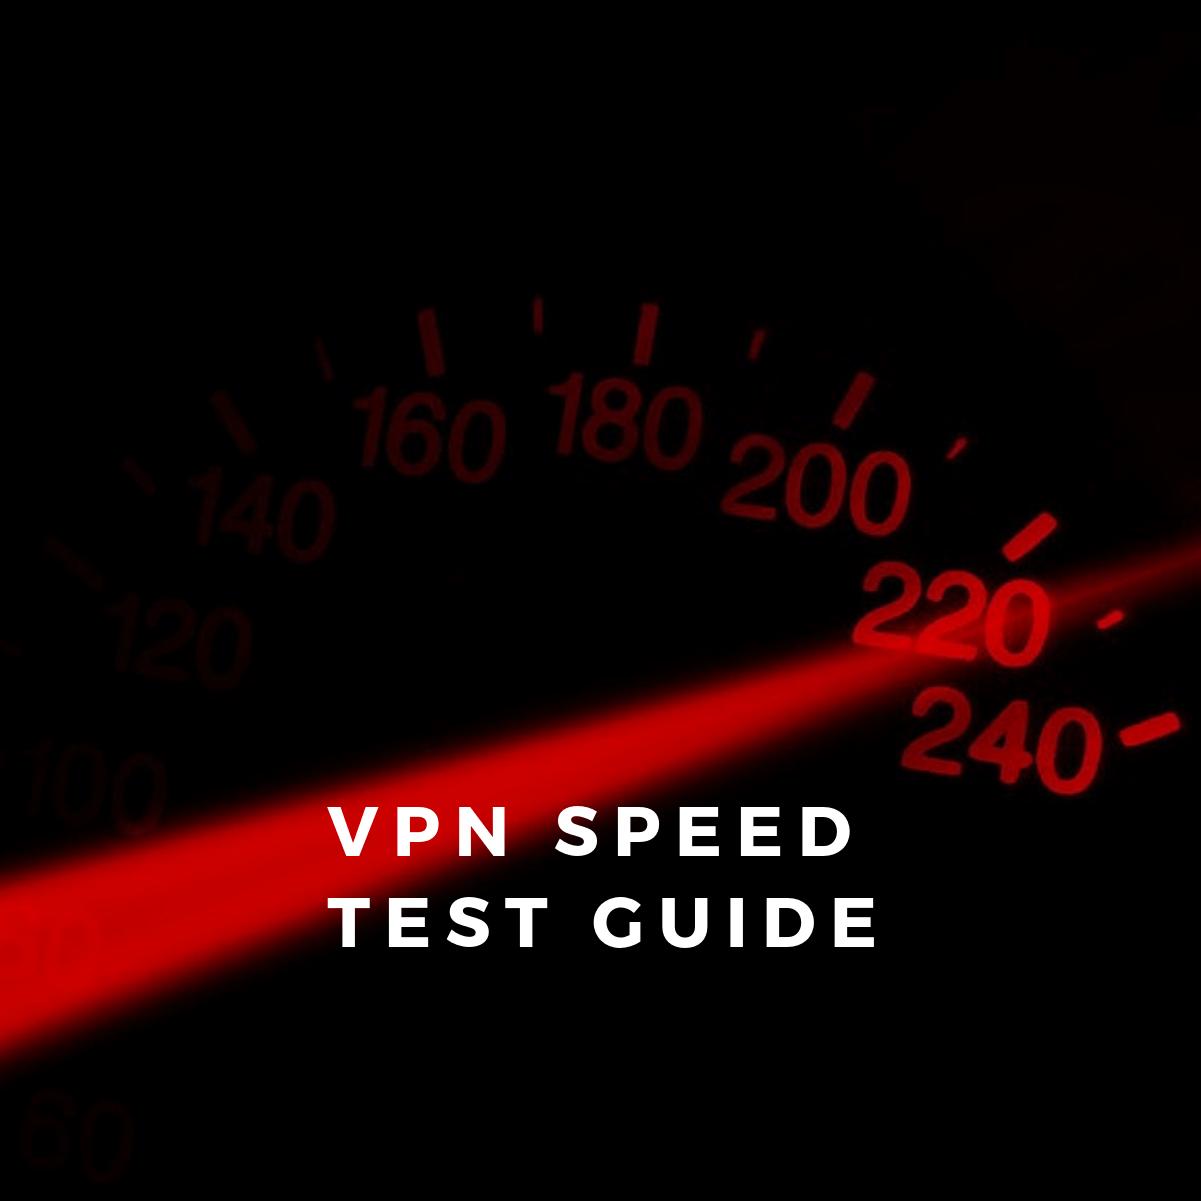 VPN Speed Test Guide: 3 out of 15 VPNs Delivered Sluggish Speeds